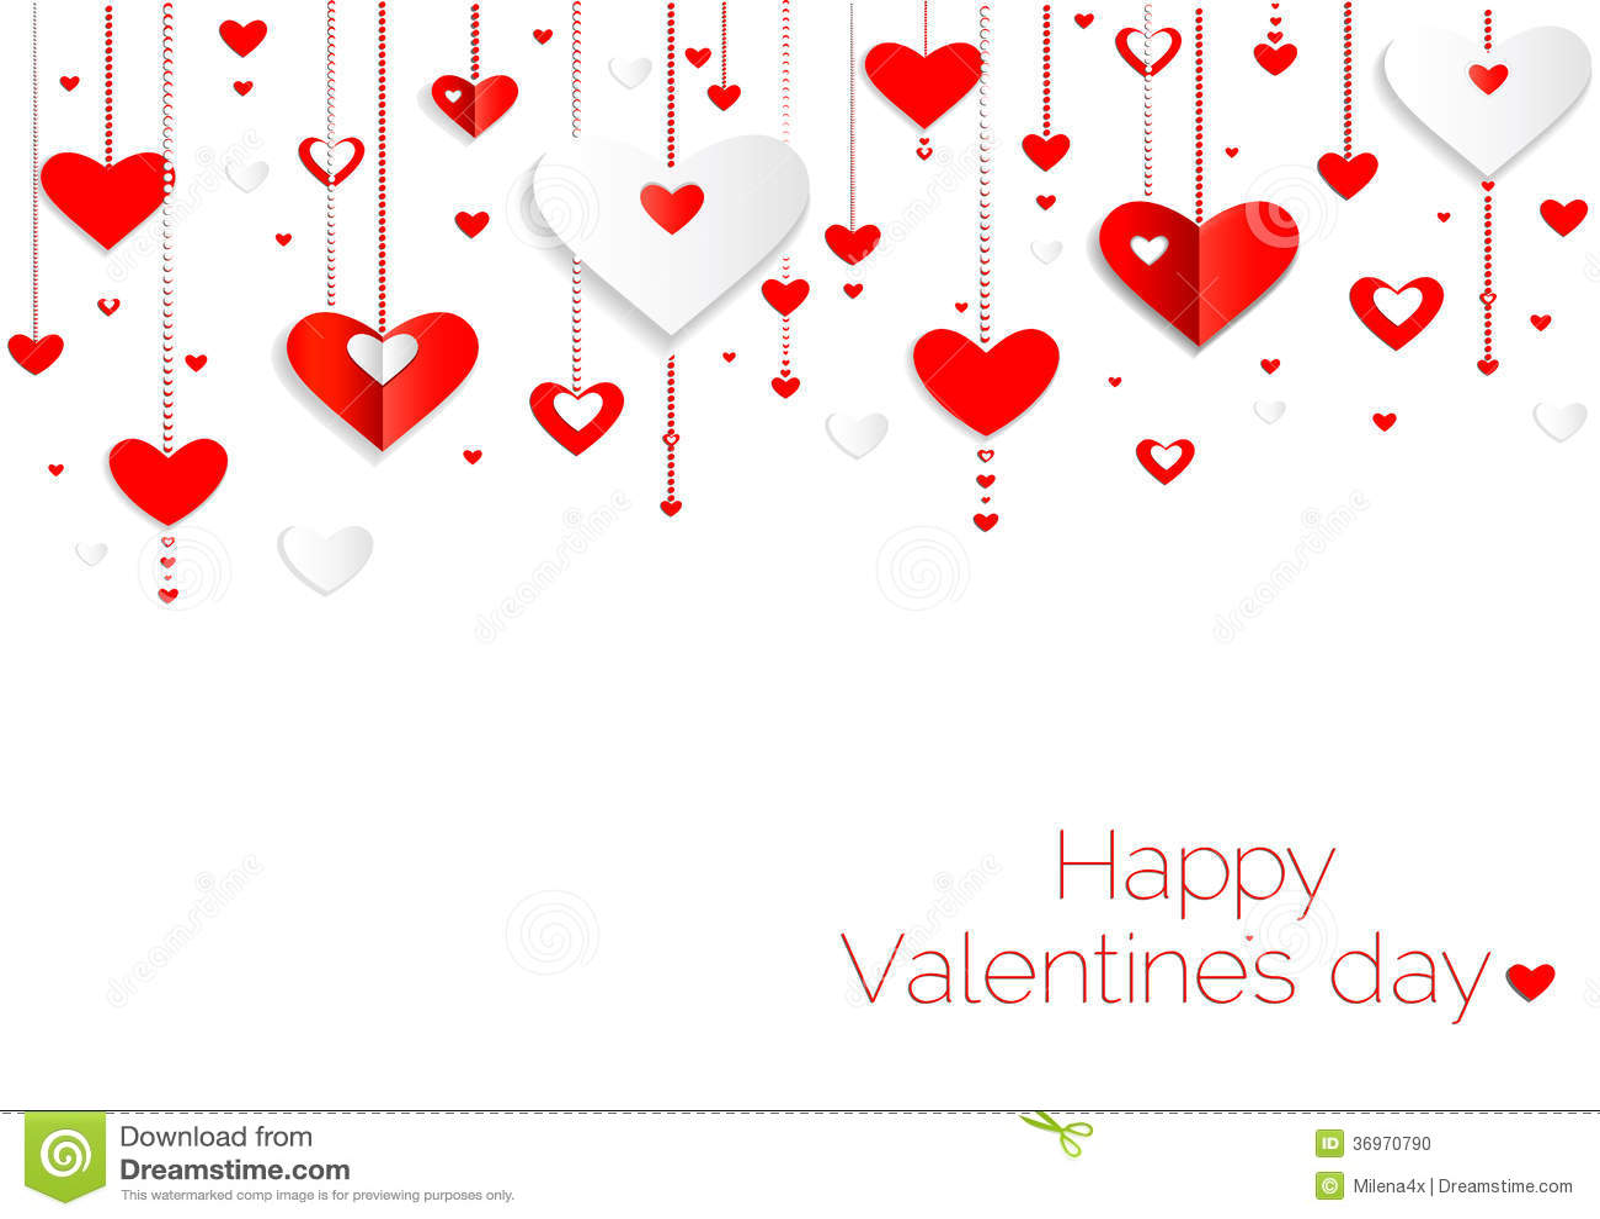 Fondo feliz del d a de tarjetas del d a de san valent n - Postales dia de san valentin ...